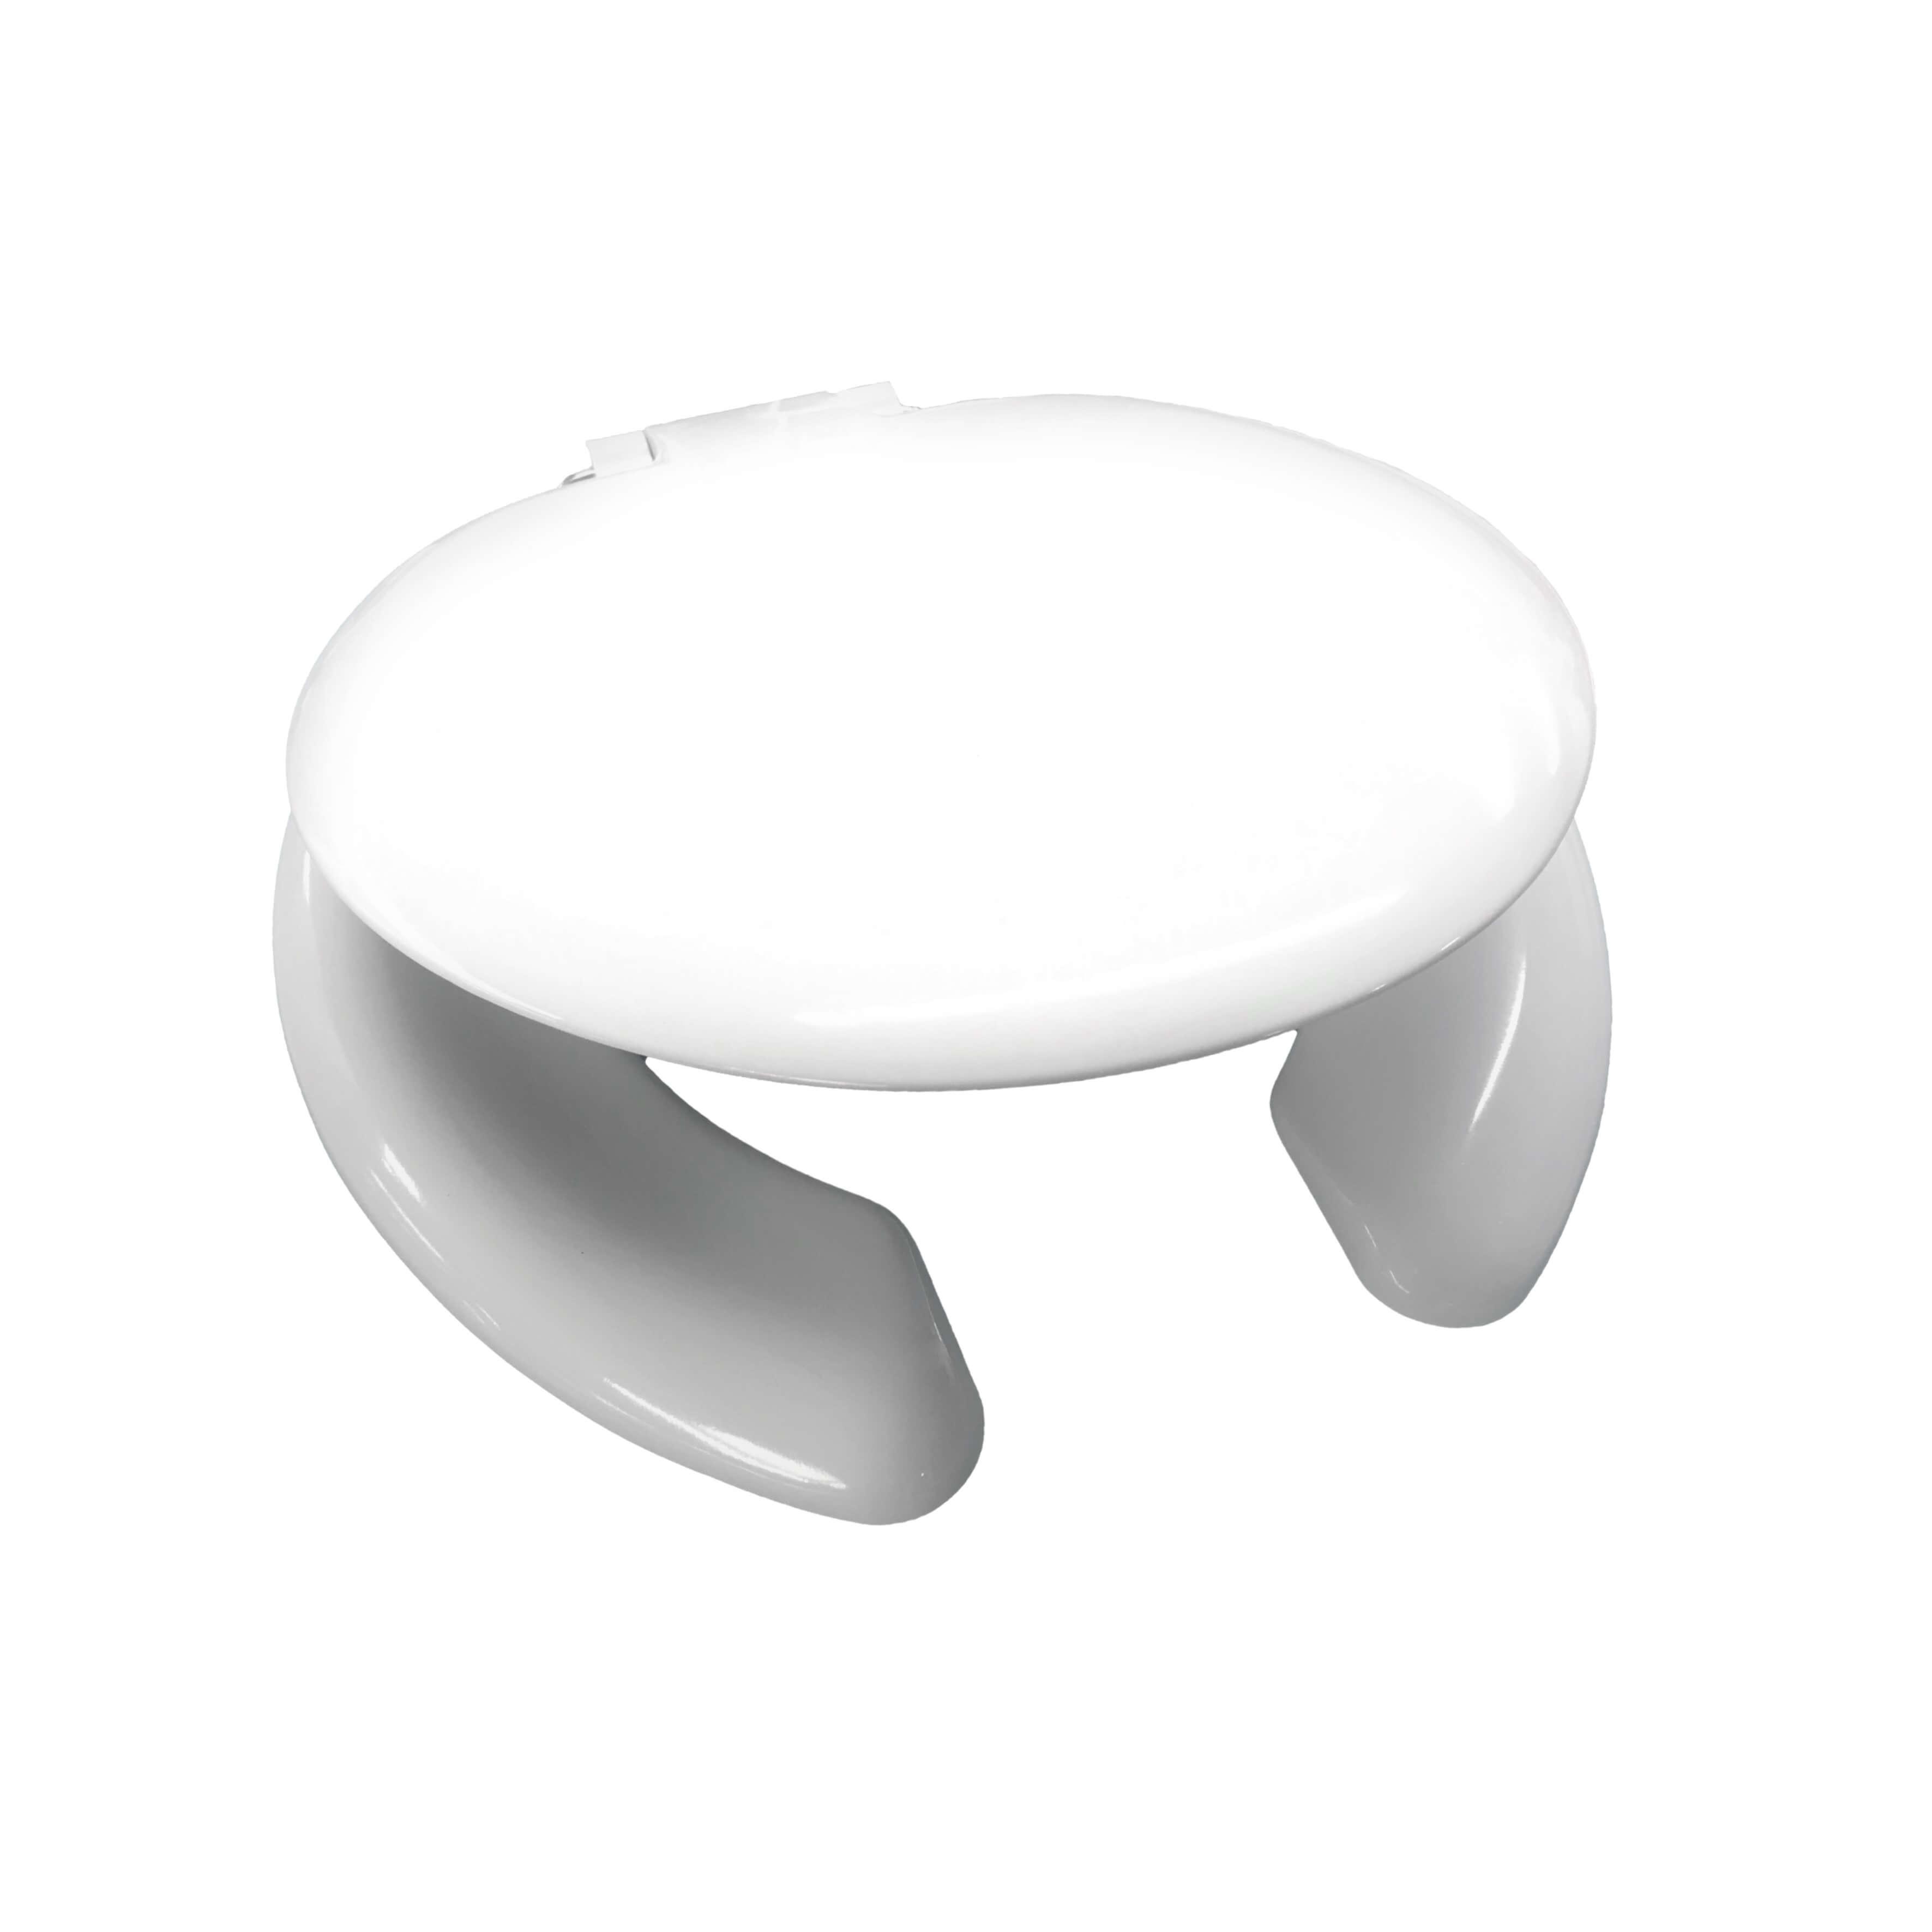 Celmac Crescent Seat & Cover White SCR12WH